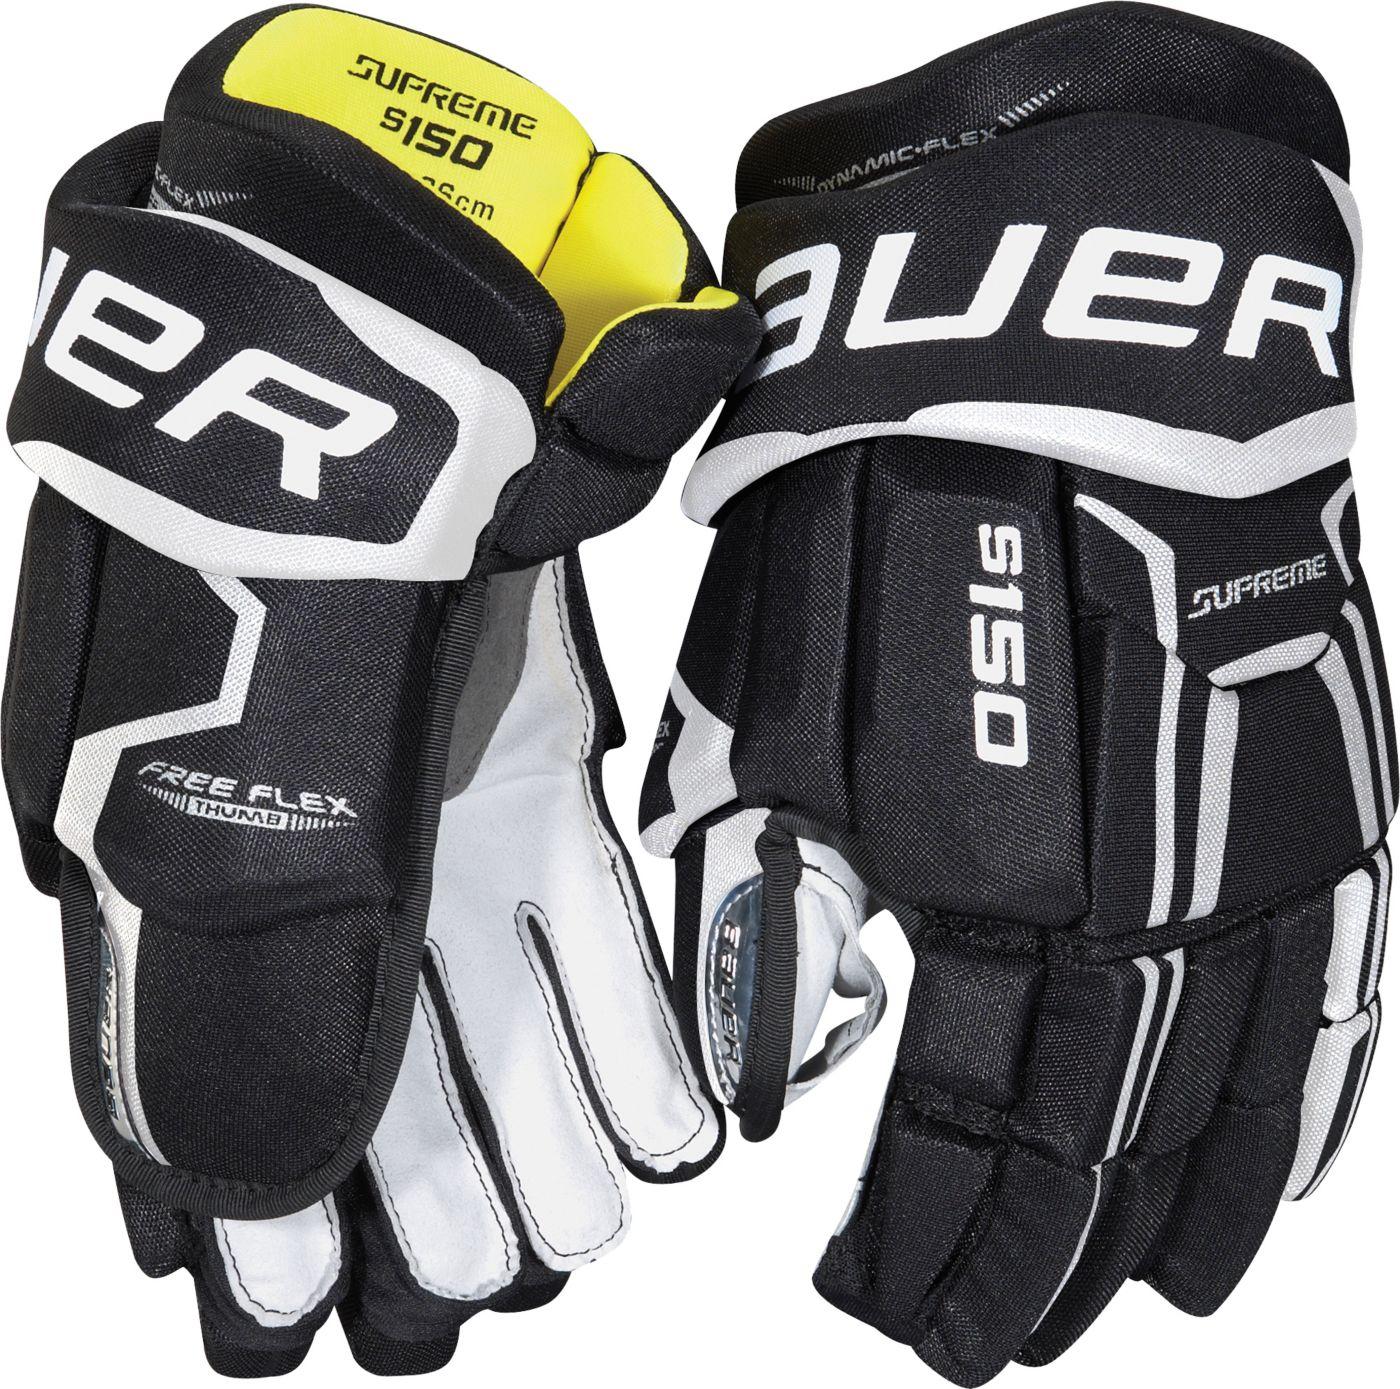 Bauer Junior Supreme S150 Ice Hockey Gloves